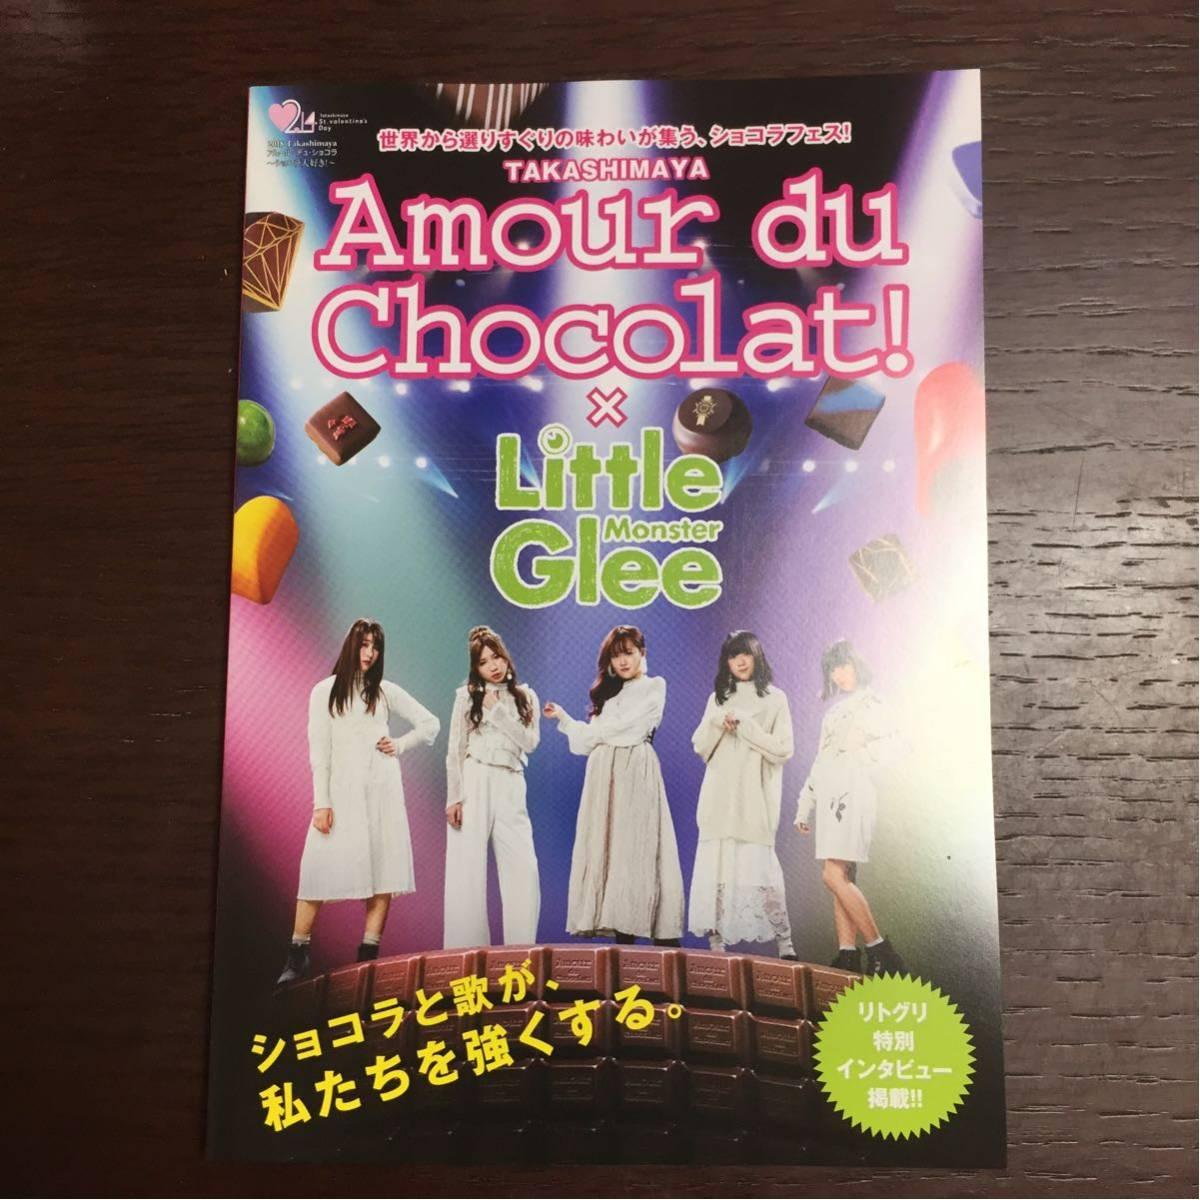 Little Glee Monster 高島屋チョコレートカタログ 2018年